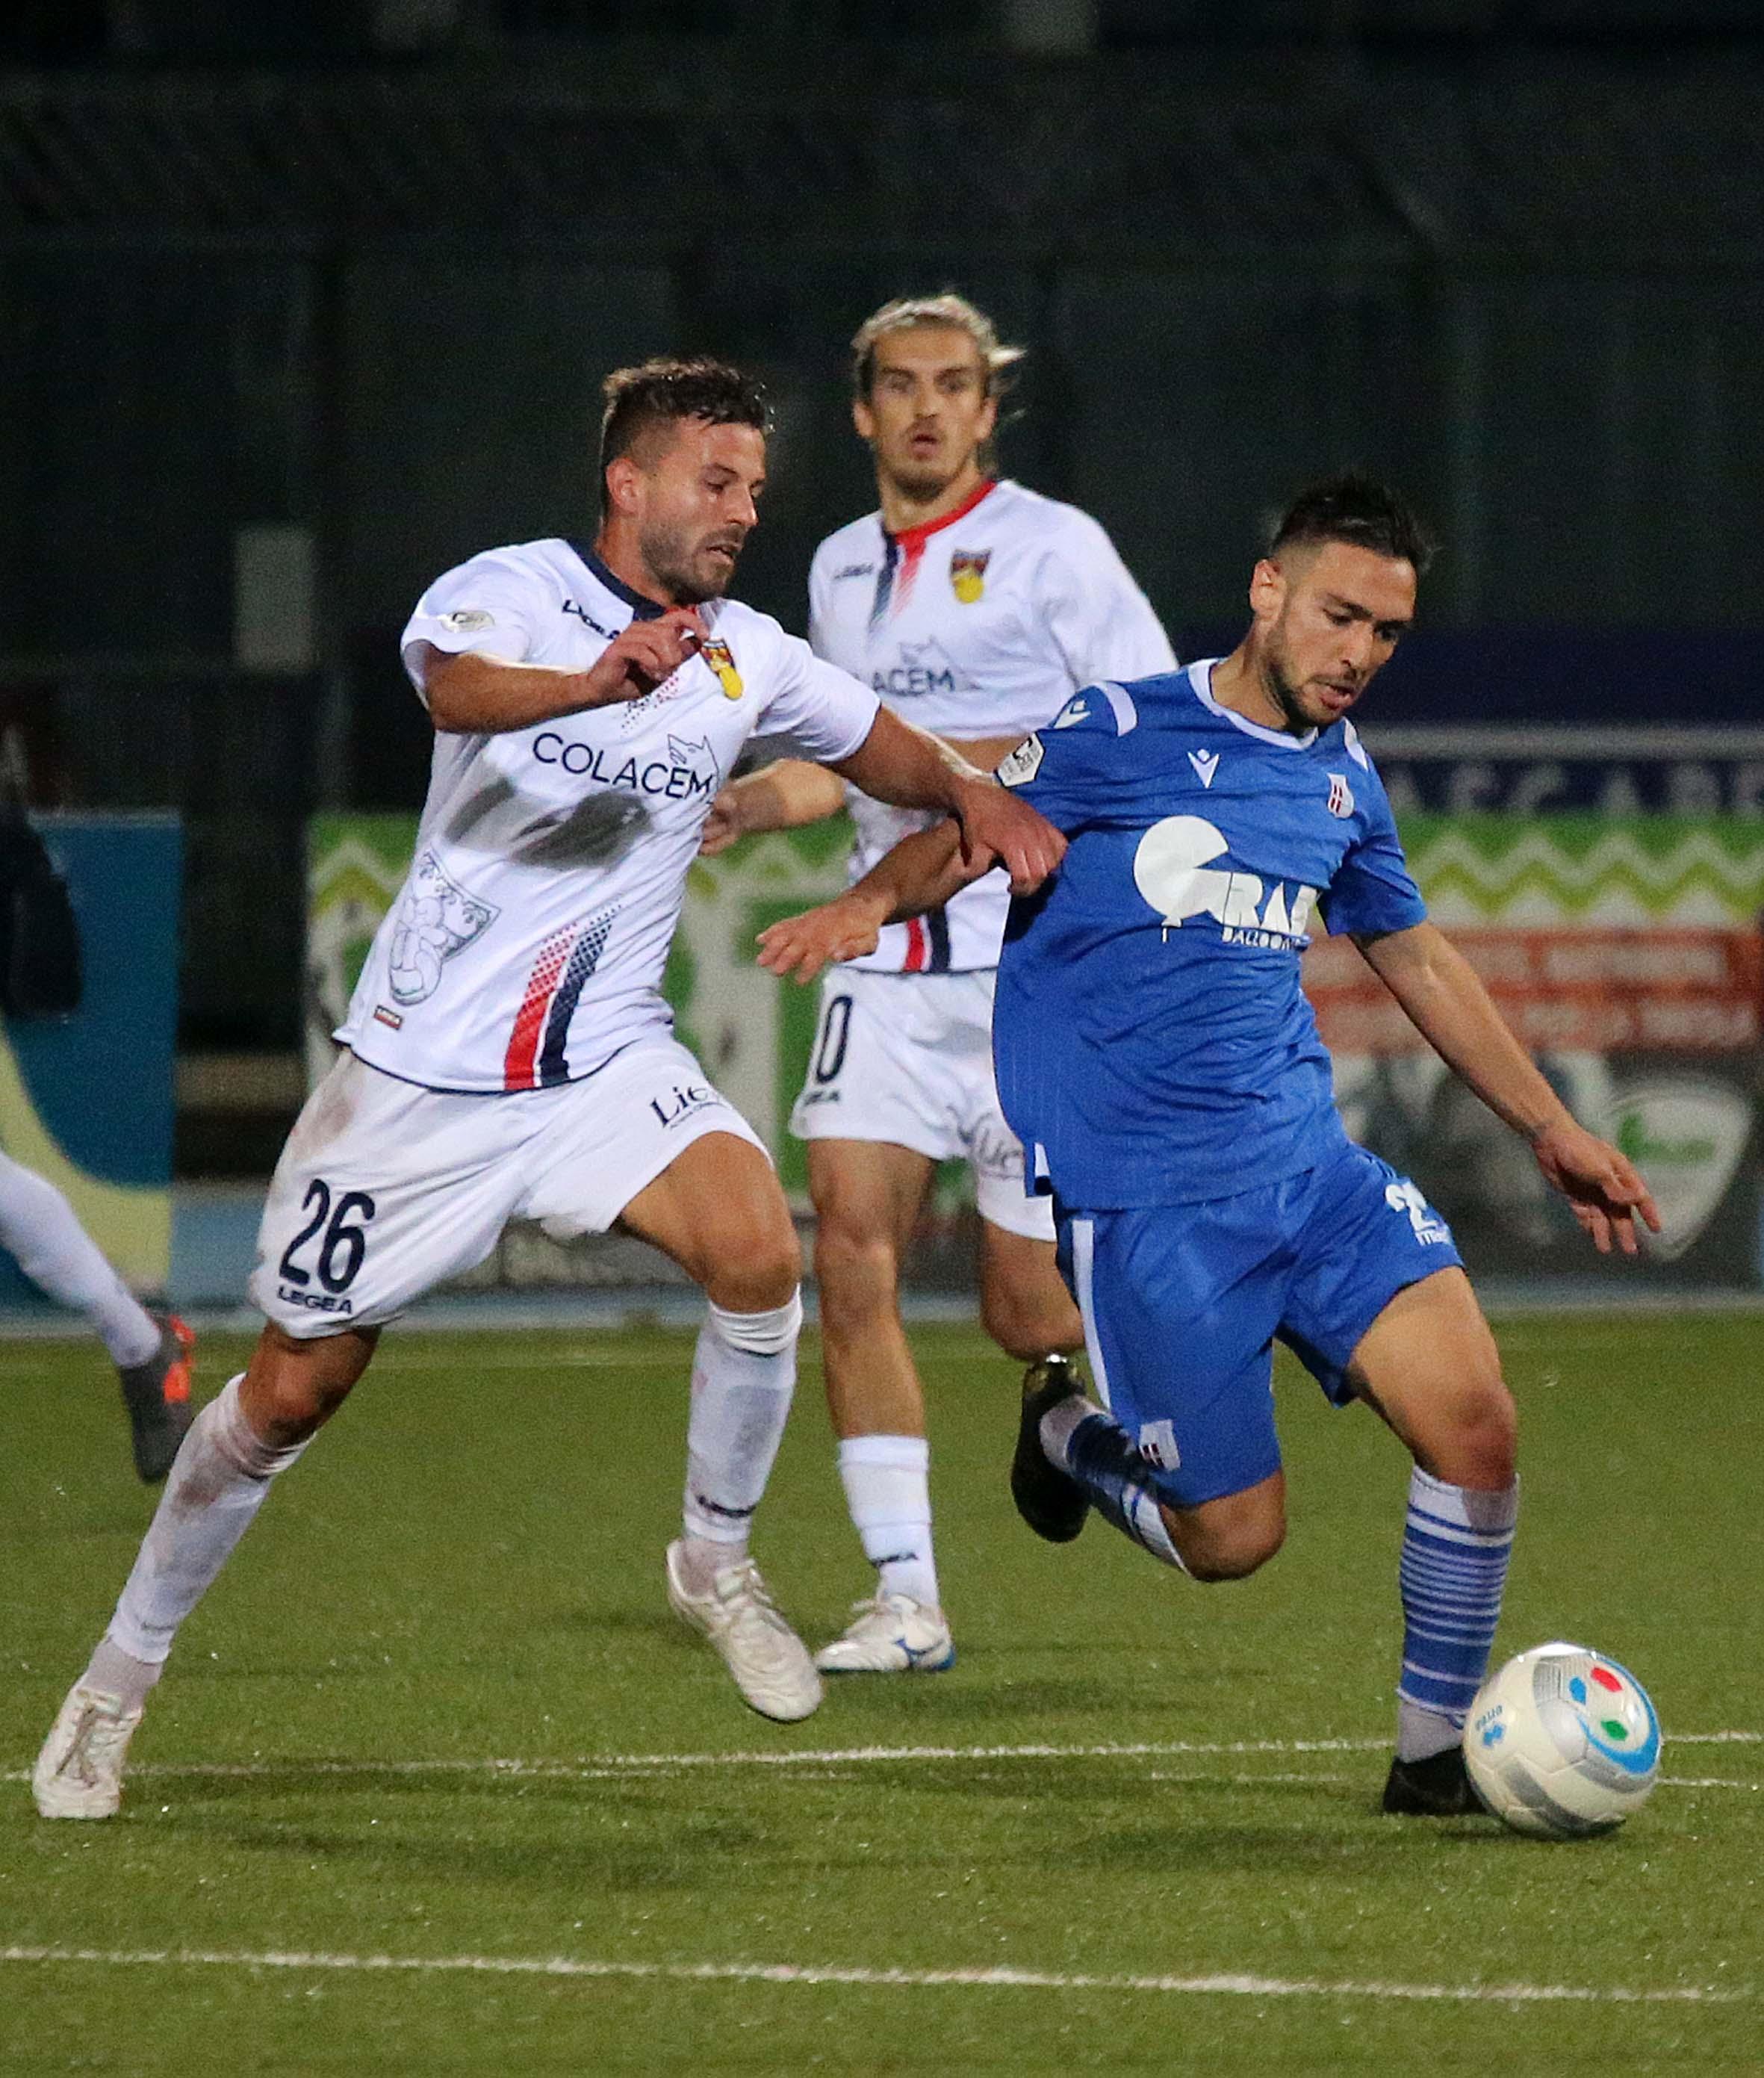 Calcio serie C, la prevendita per Fano-Rimini